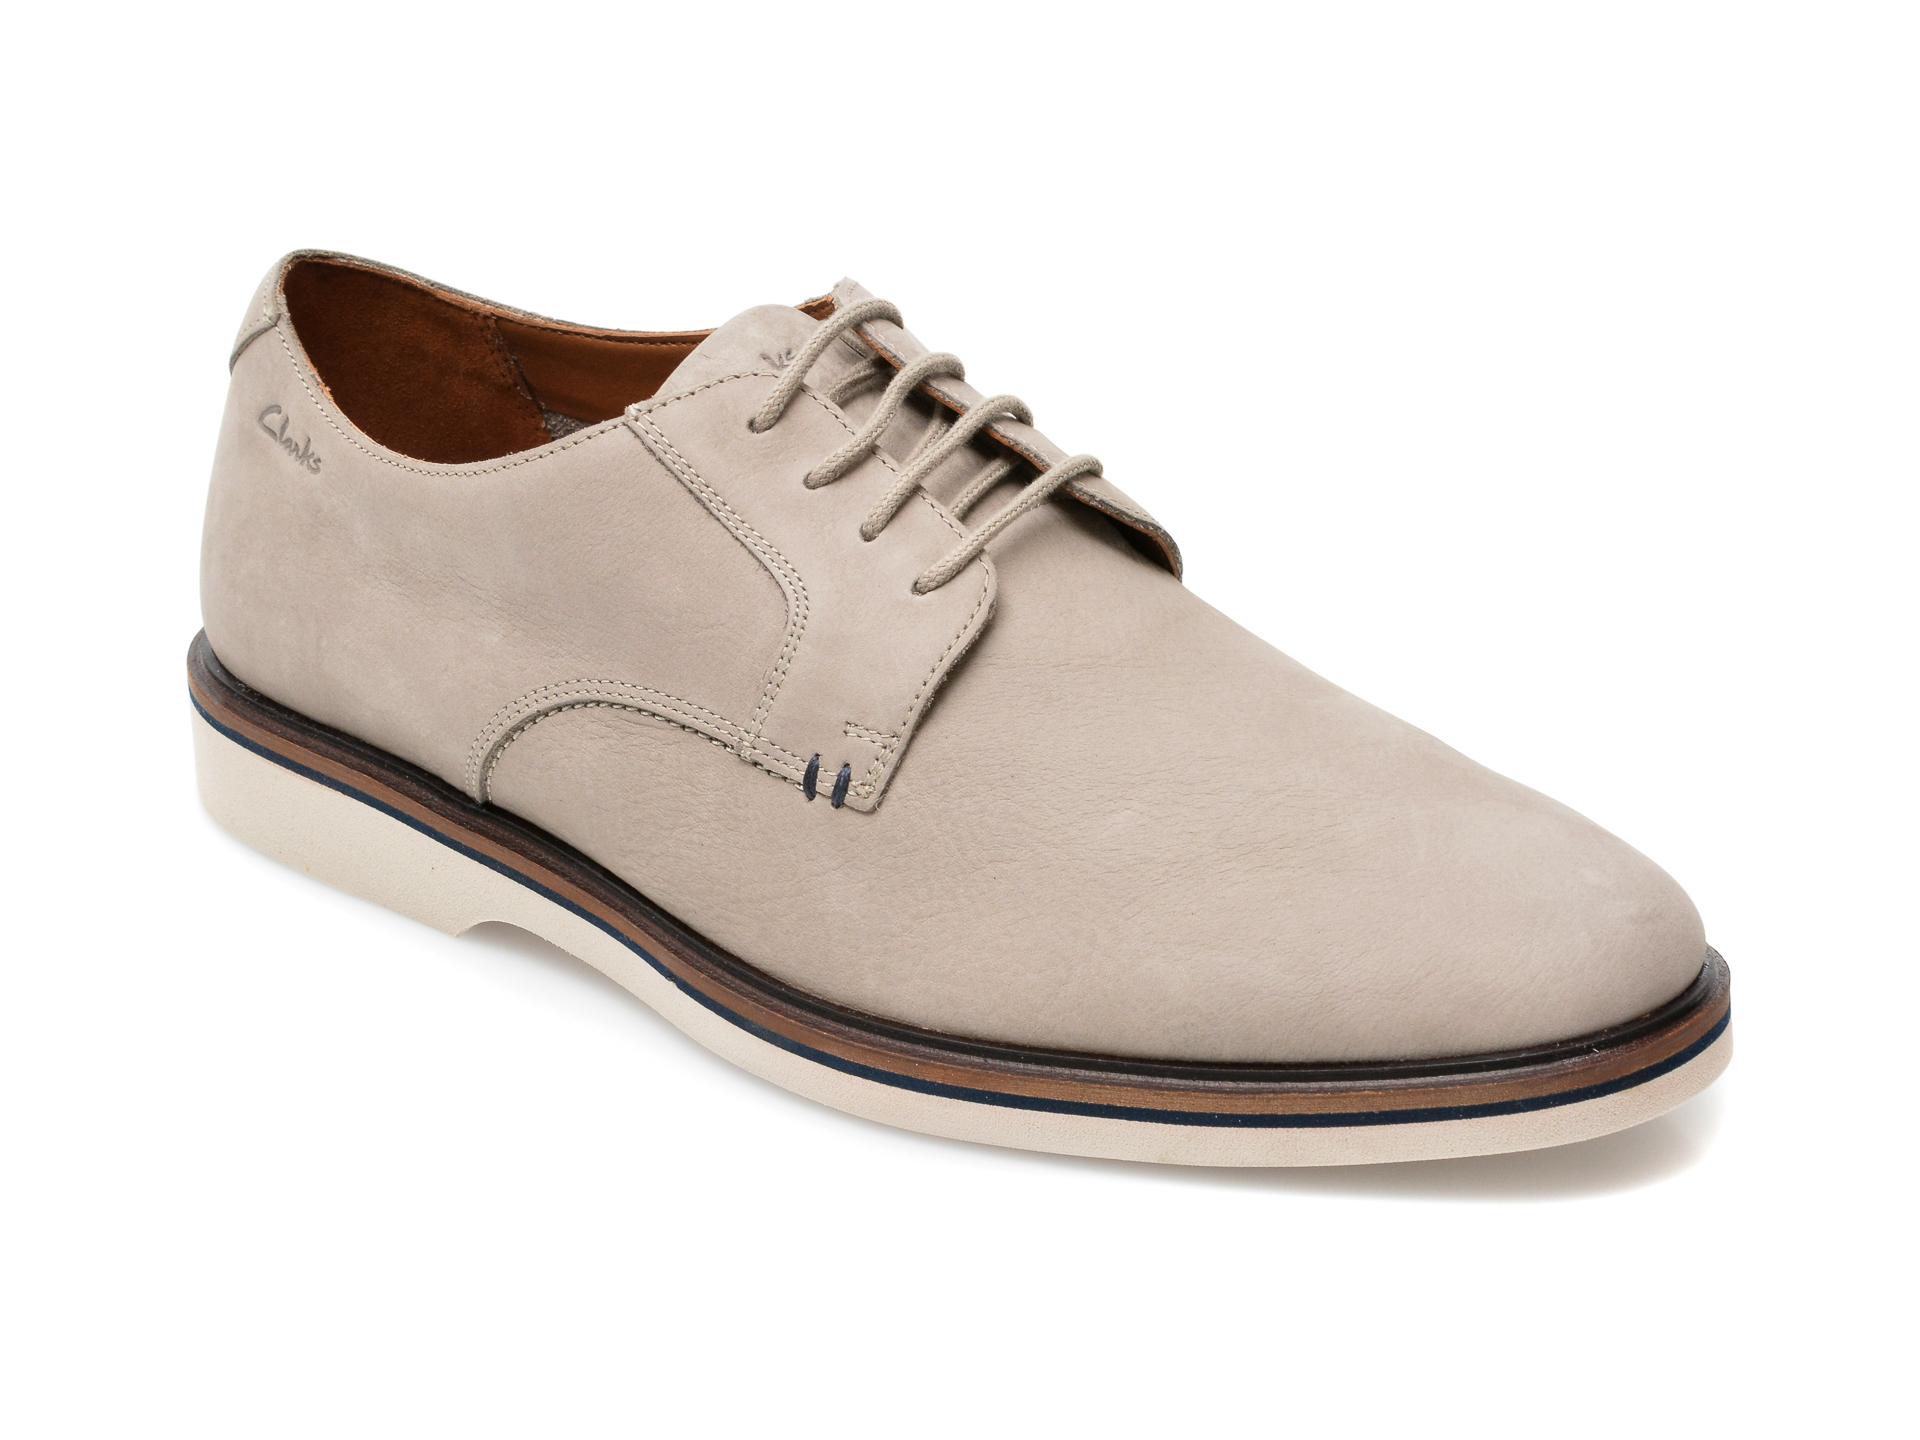 Pantofi CLARKS gri, Kitna Vibe, din nabuc